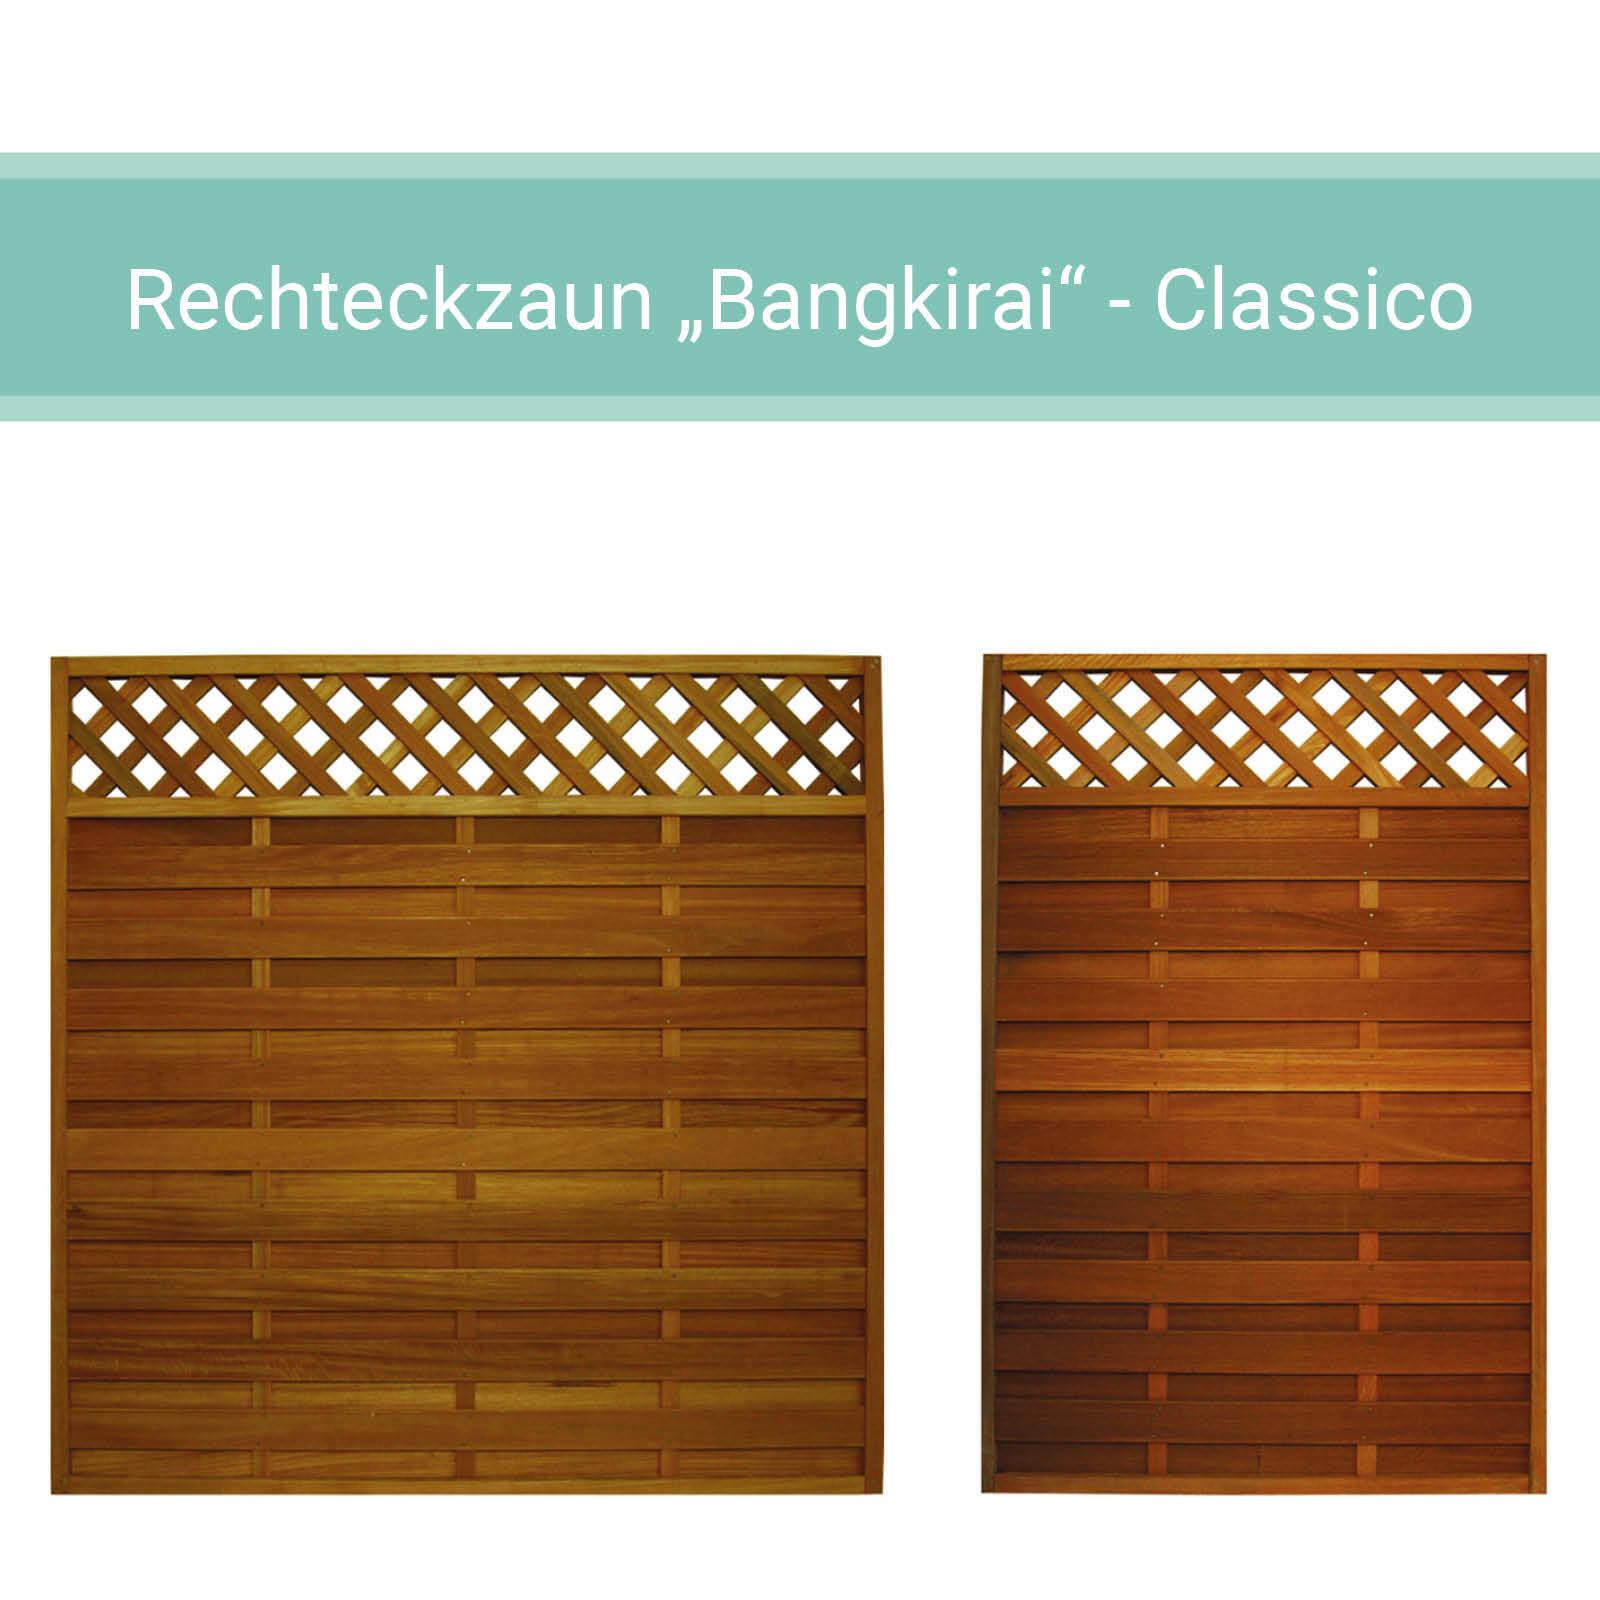 Bangkirai Holz Rechteckzaun Lamellenzaun Zaun 10 Elegant Gunstig Kaufen Ebay